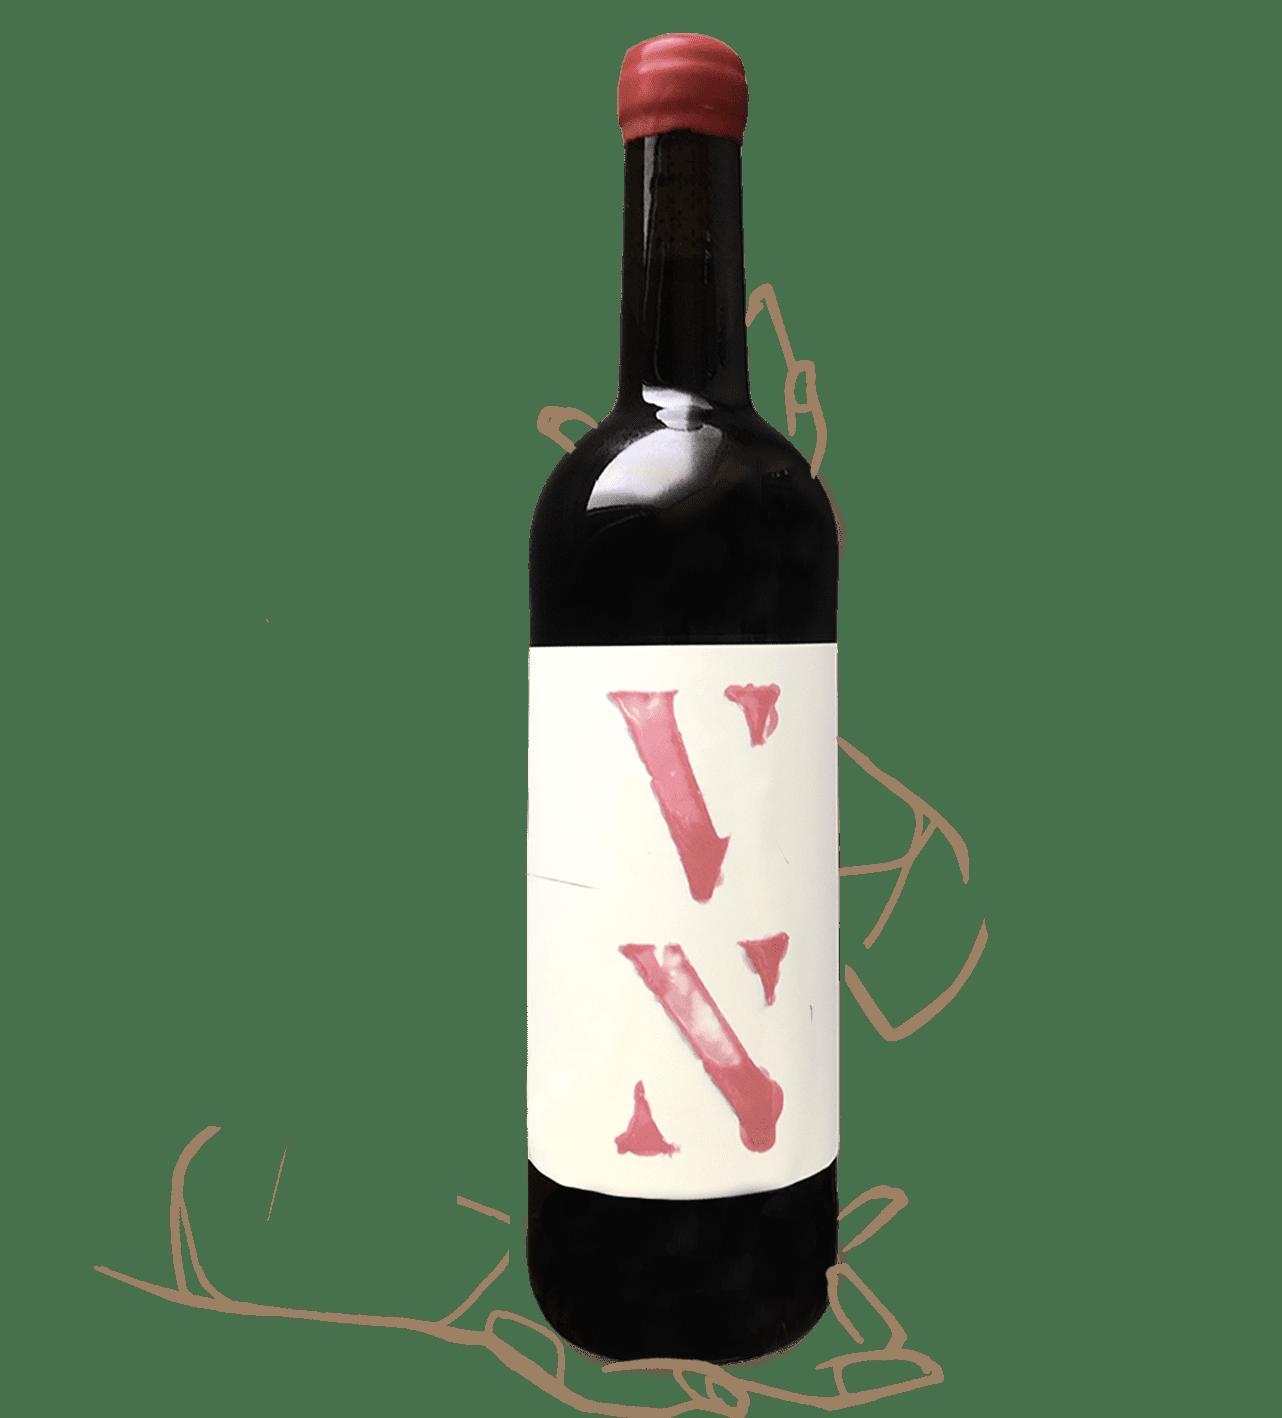 VN ROUGE de PARTIDA CREUS est un vin naturel d'espagne